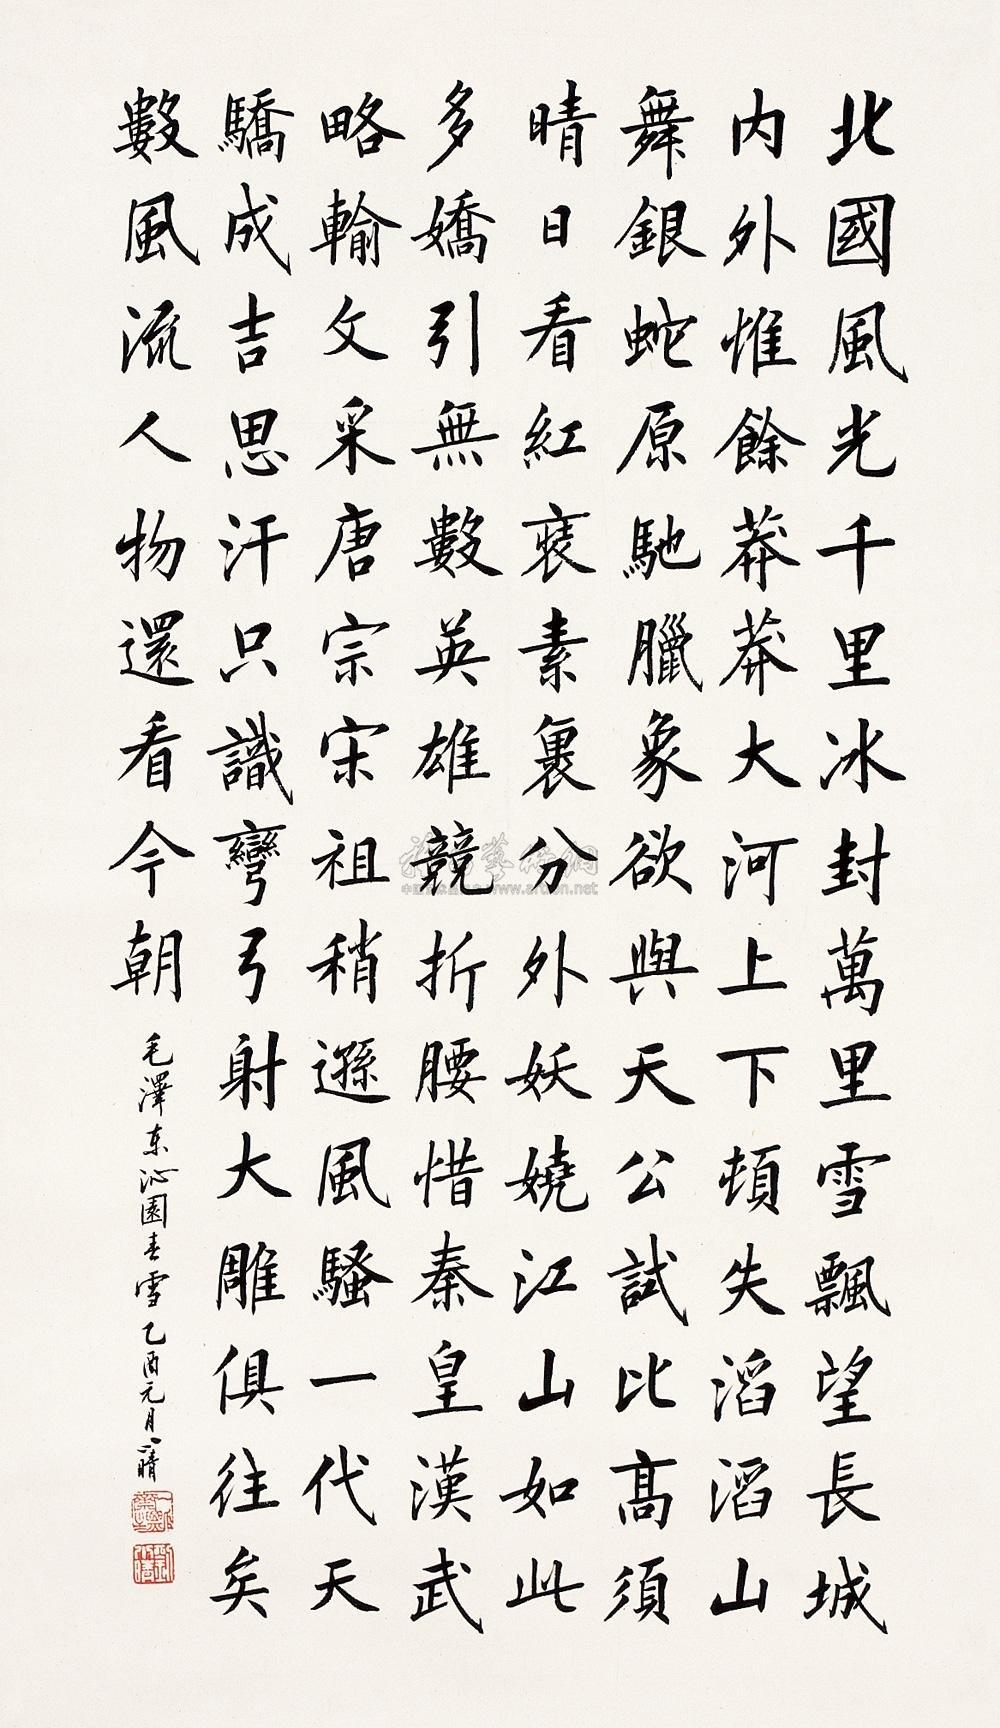 【书法播报】河南跳楼身亡官员兼职书协领导,书法售价8000/平尺 (39)